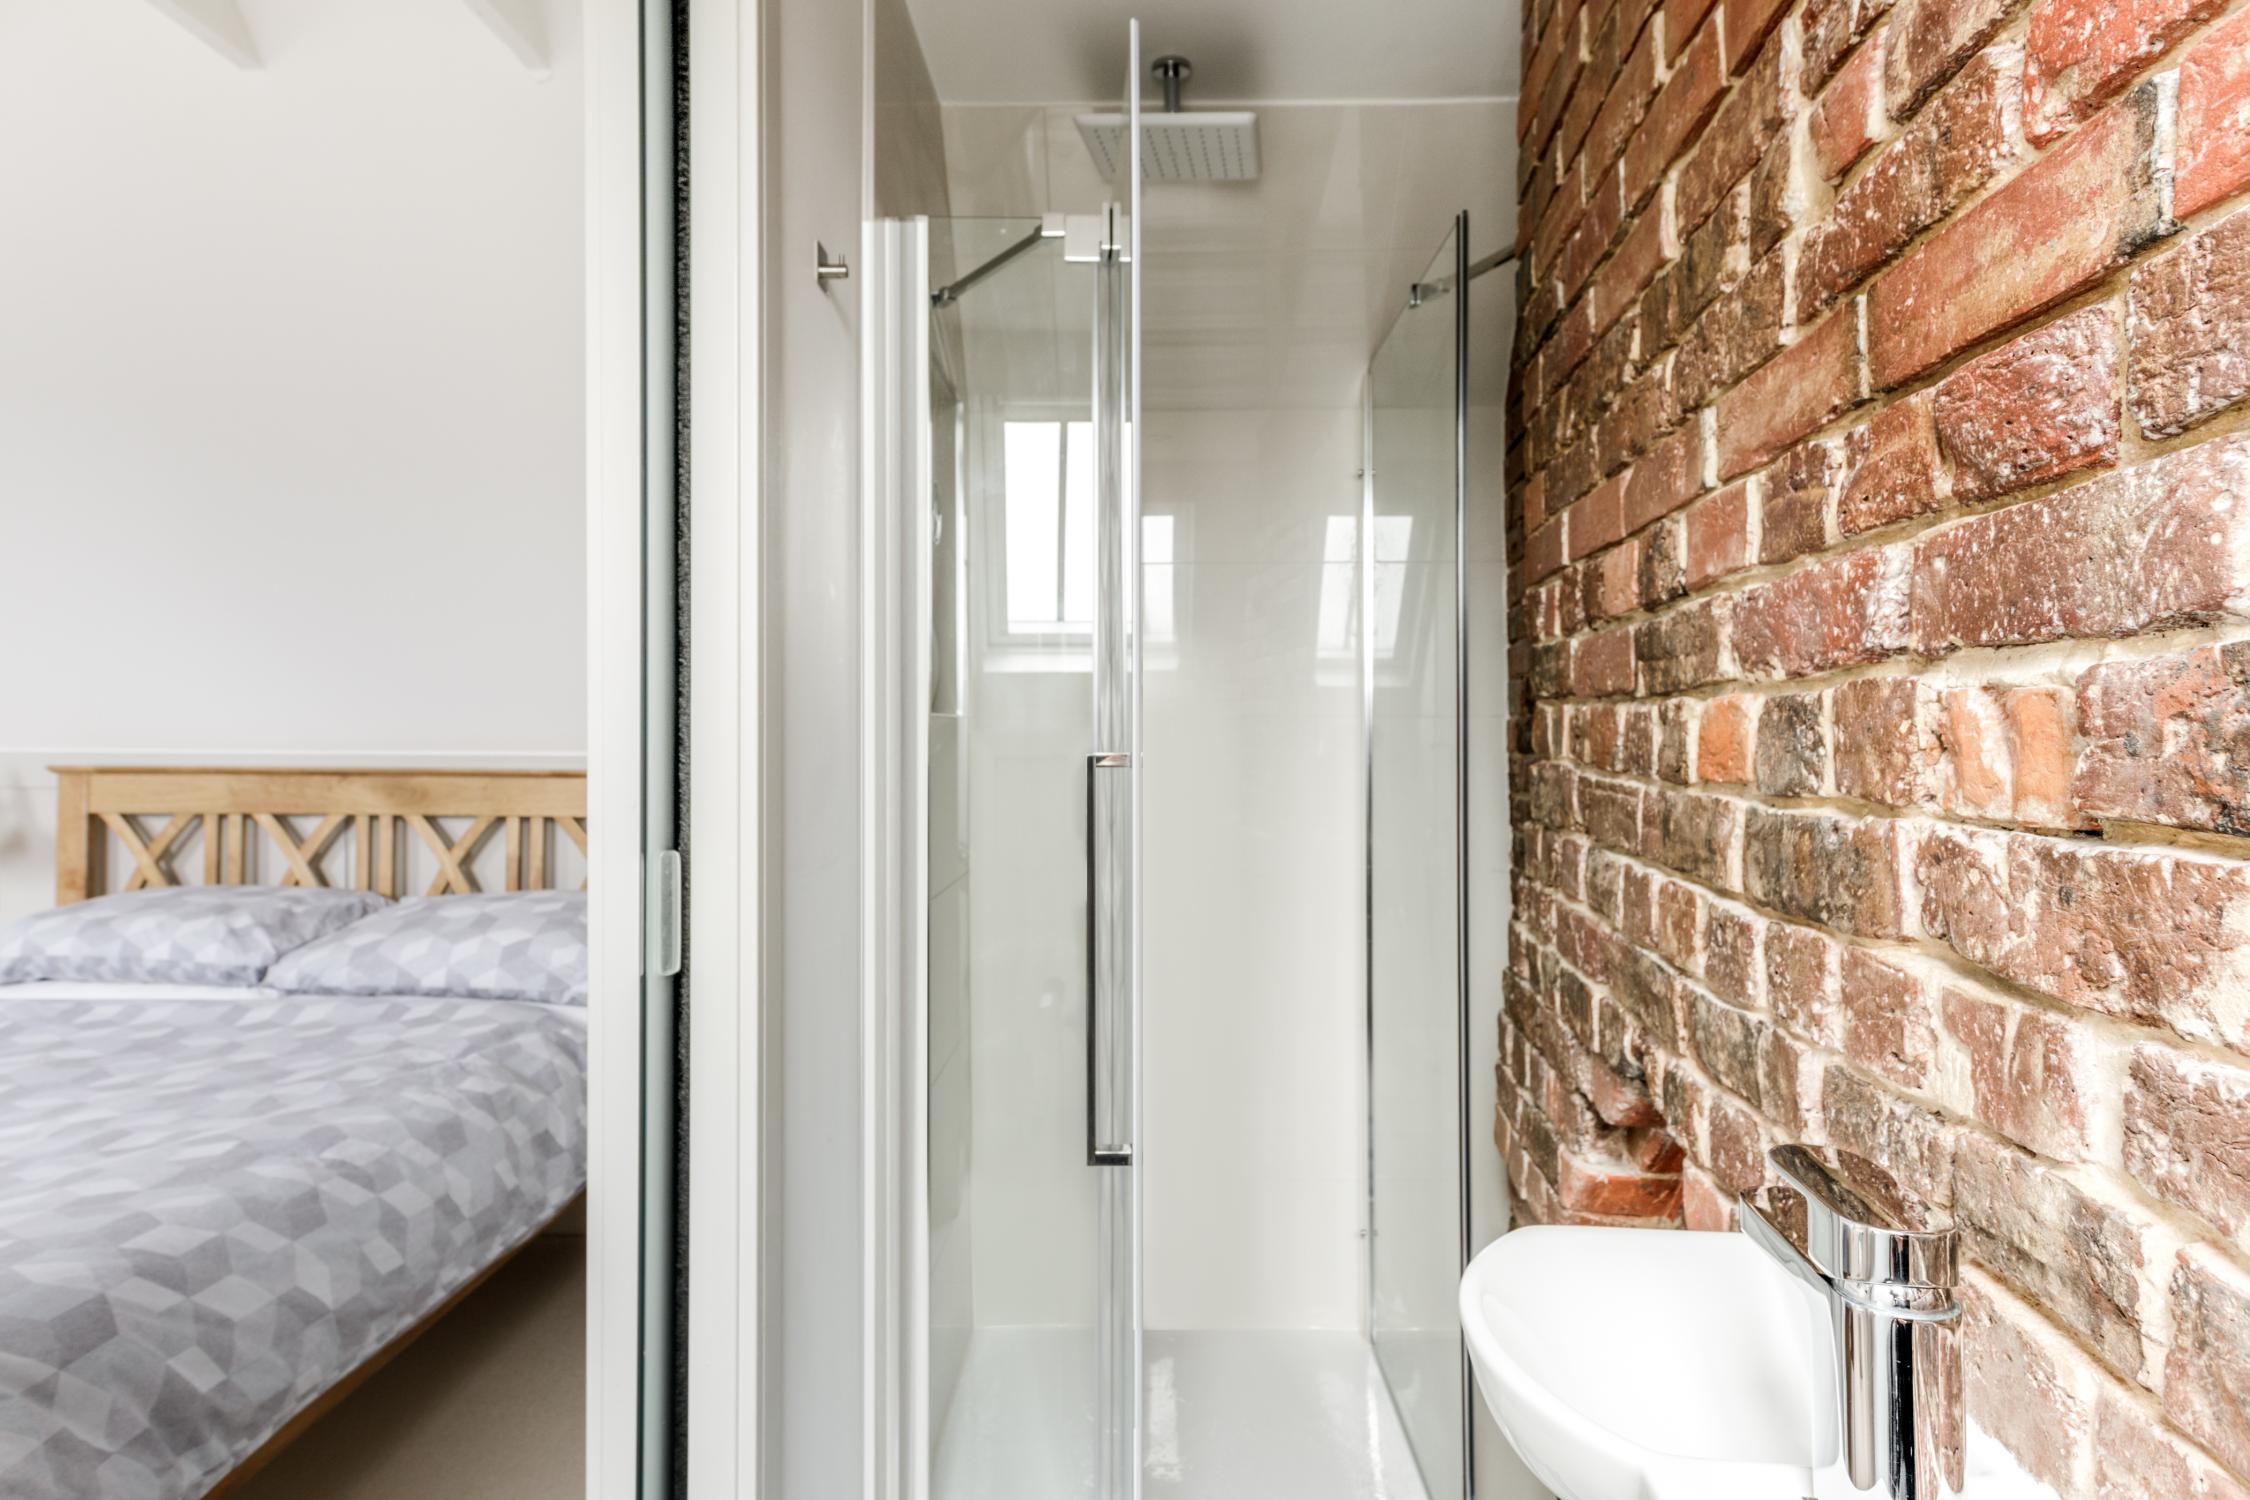 Worthing Builders-ExtraOrdinaryRooms-Arundel renovation.jpg